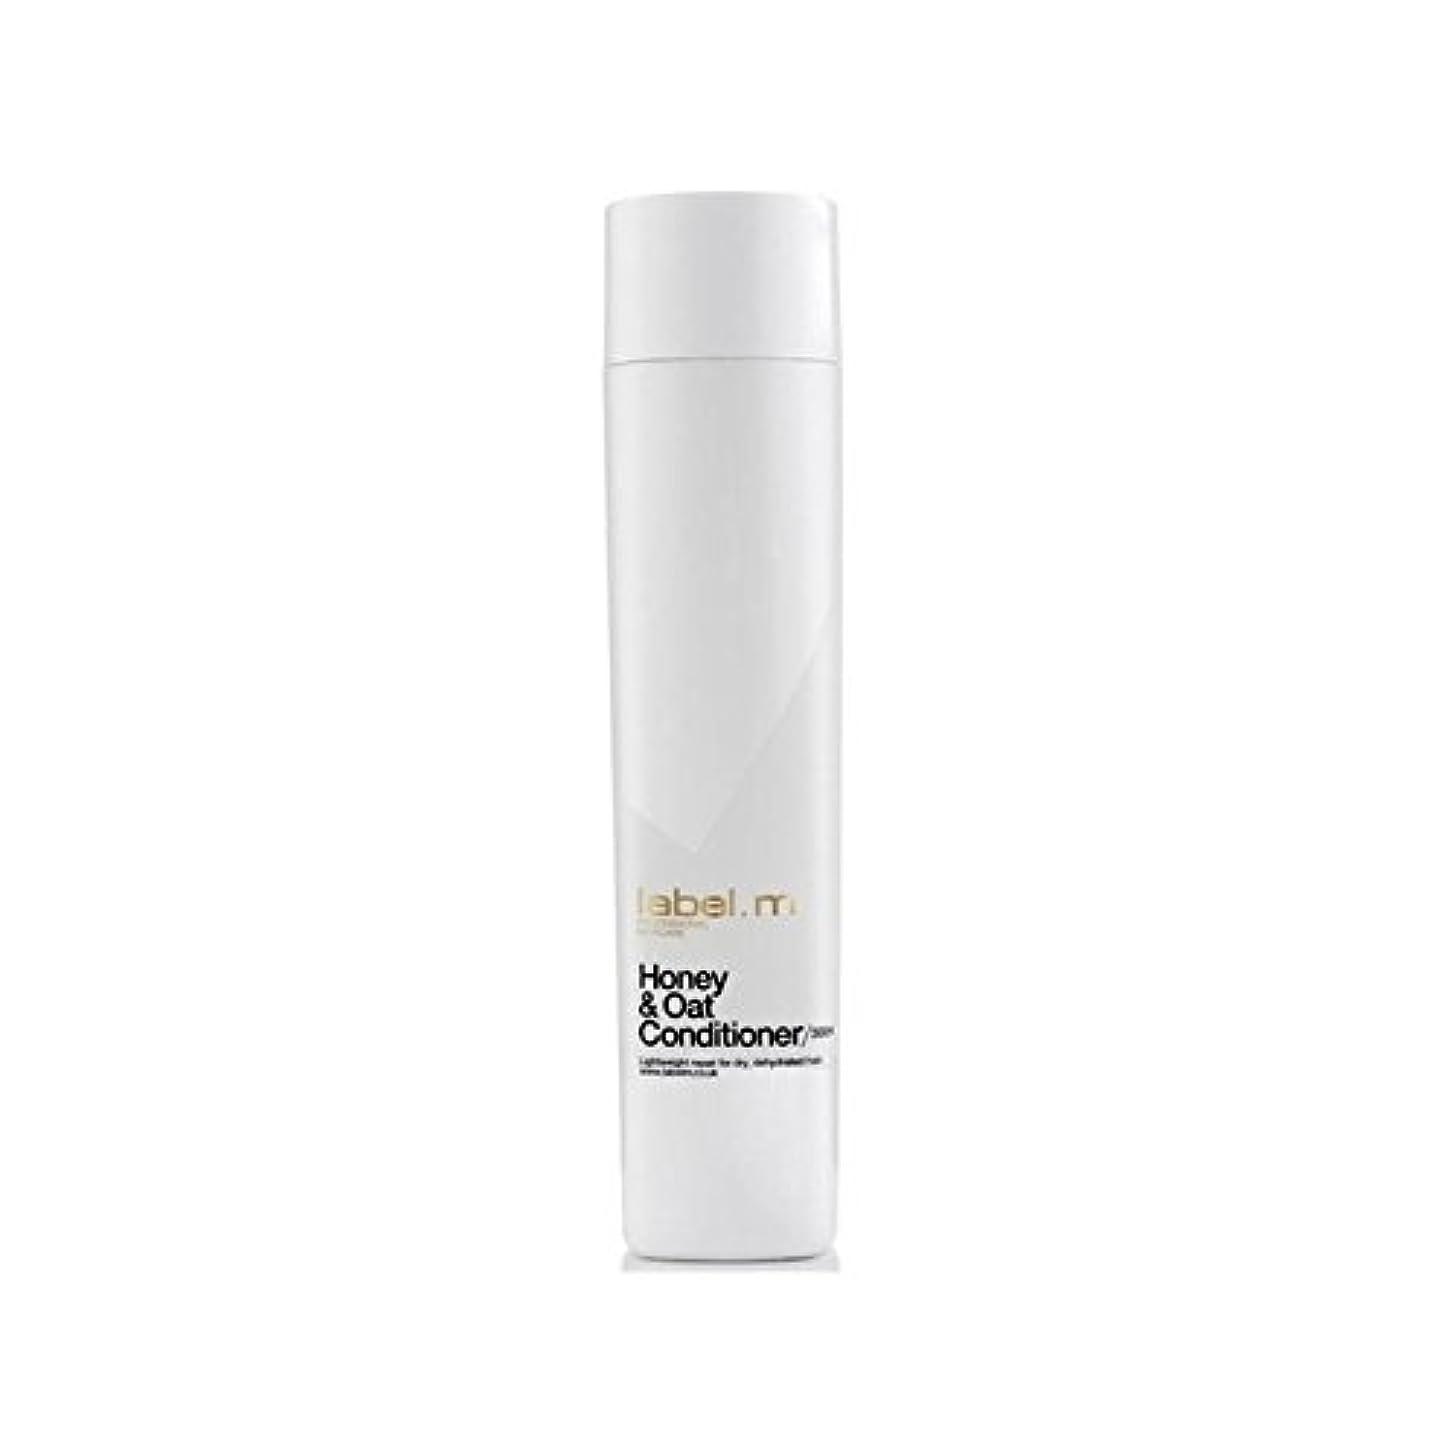 砂漠ことわざ味.ハニー&オーツ麦コンディショナー(300ミリリットル) x2 - Label.M Honey & Oat Conditioner (300ml) (Pack of 2) [並行輸入品]